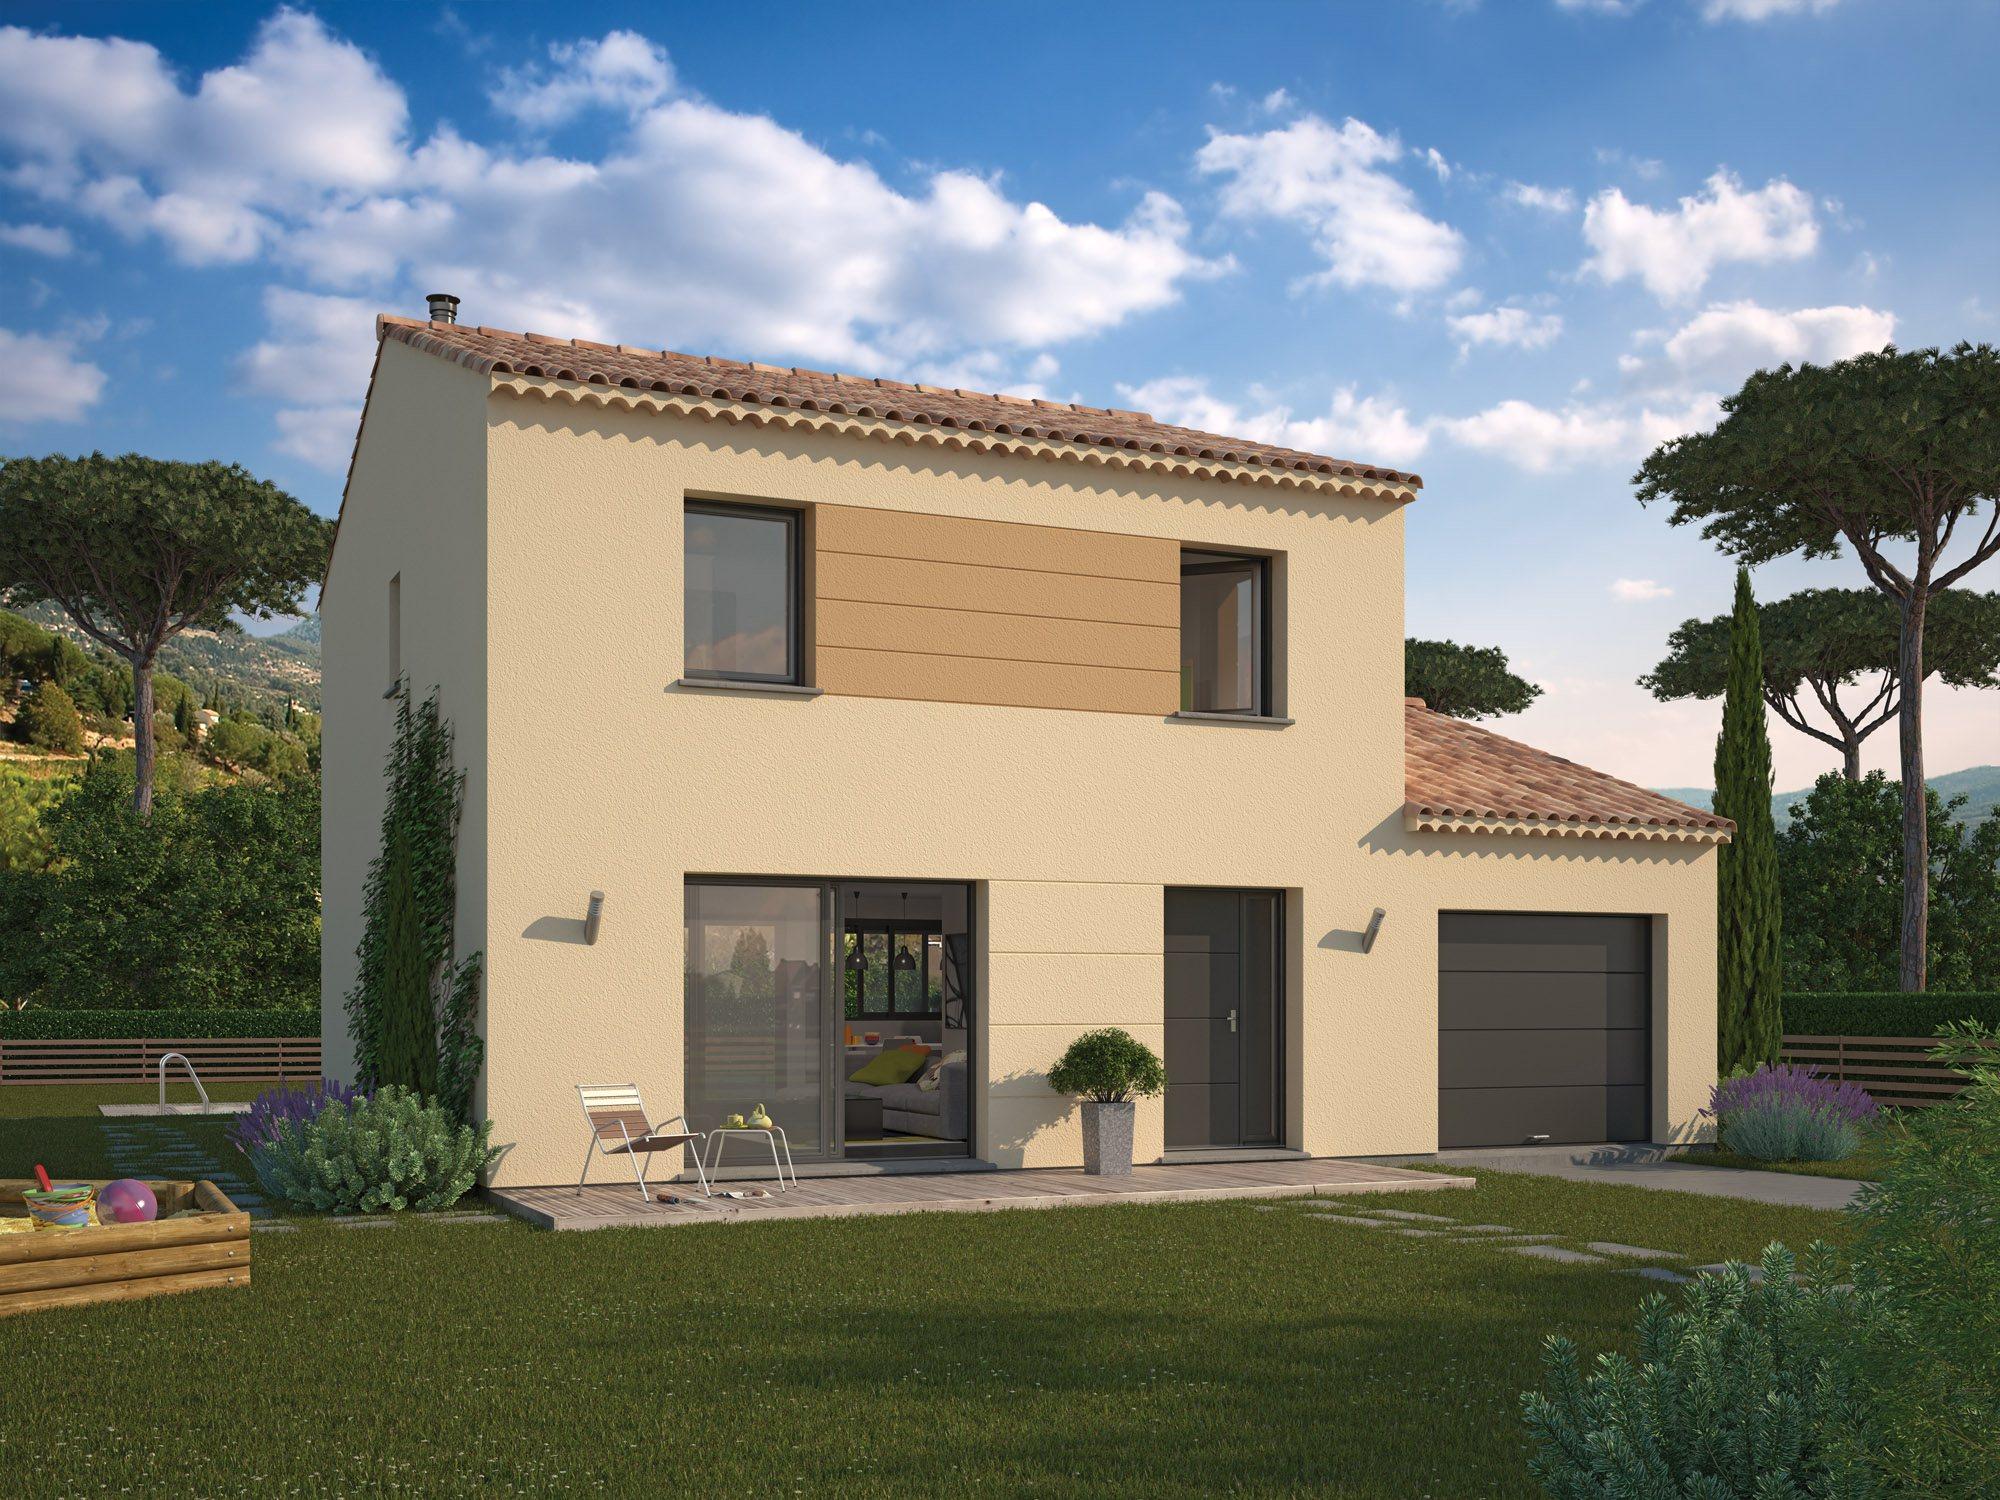 Maisons + Terrains du constructeur Maison Familiale Toulouse • 118 m² • SAINT HILAIRE